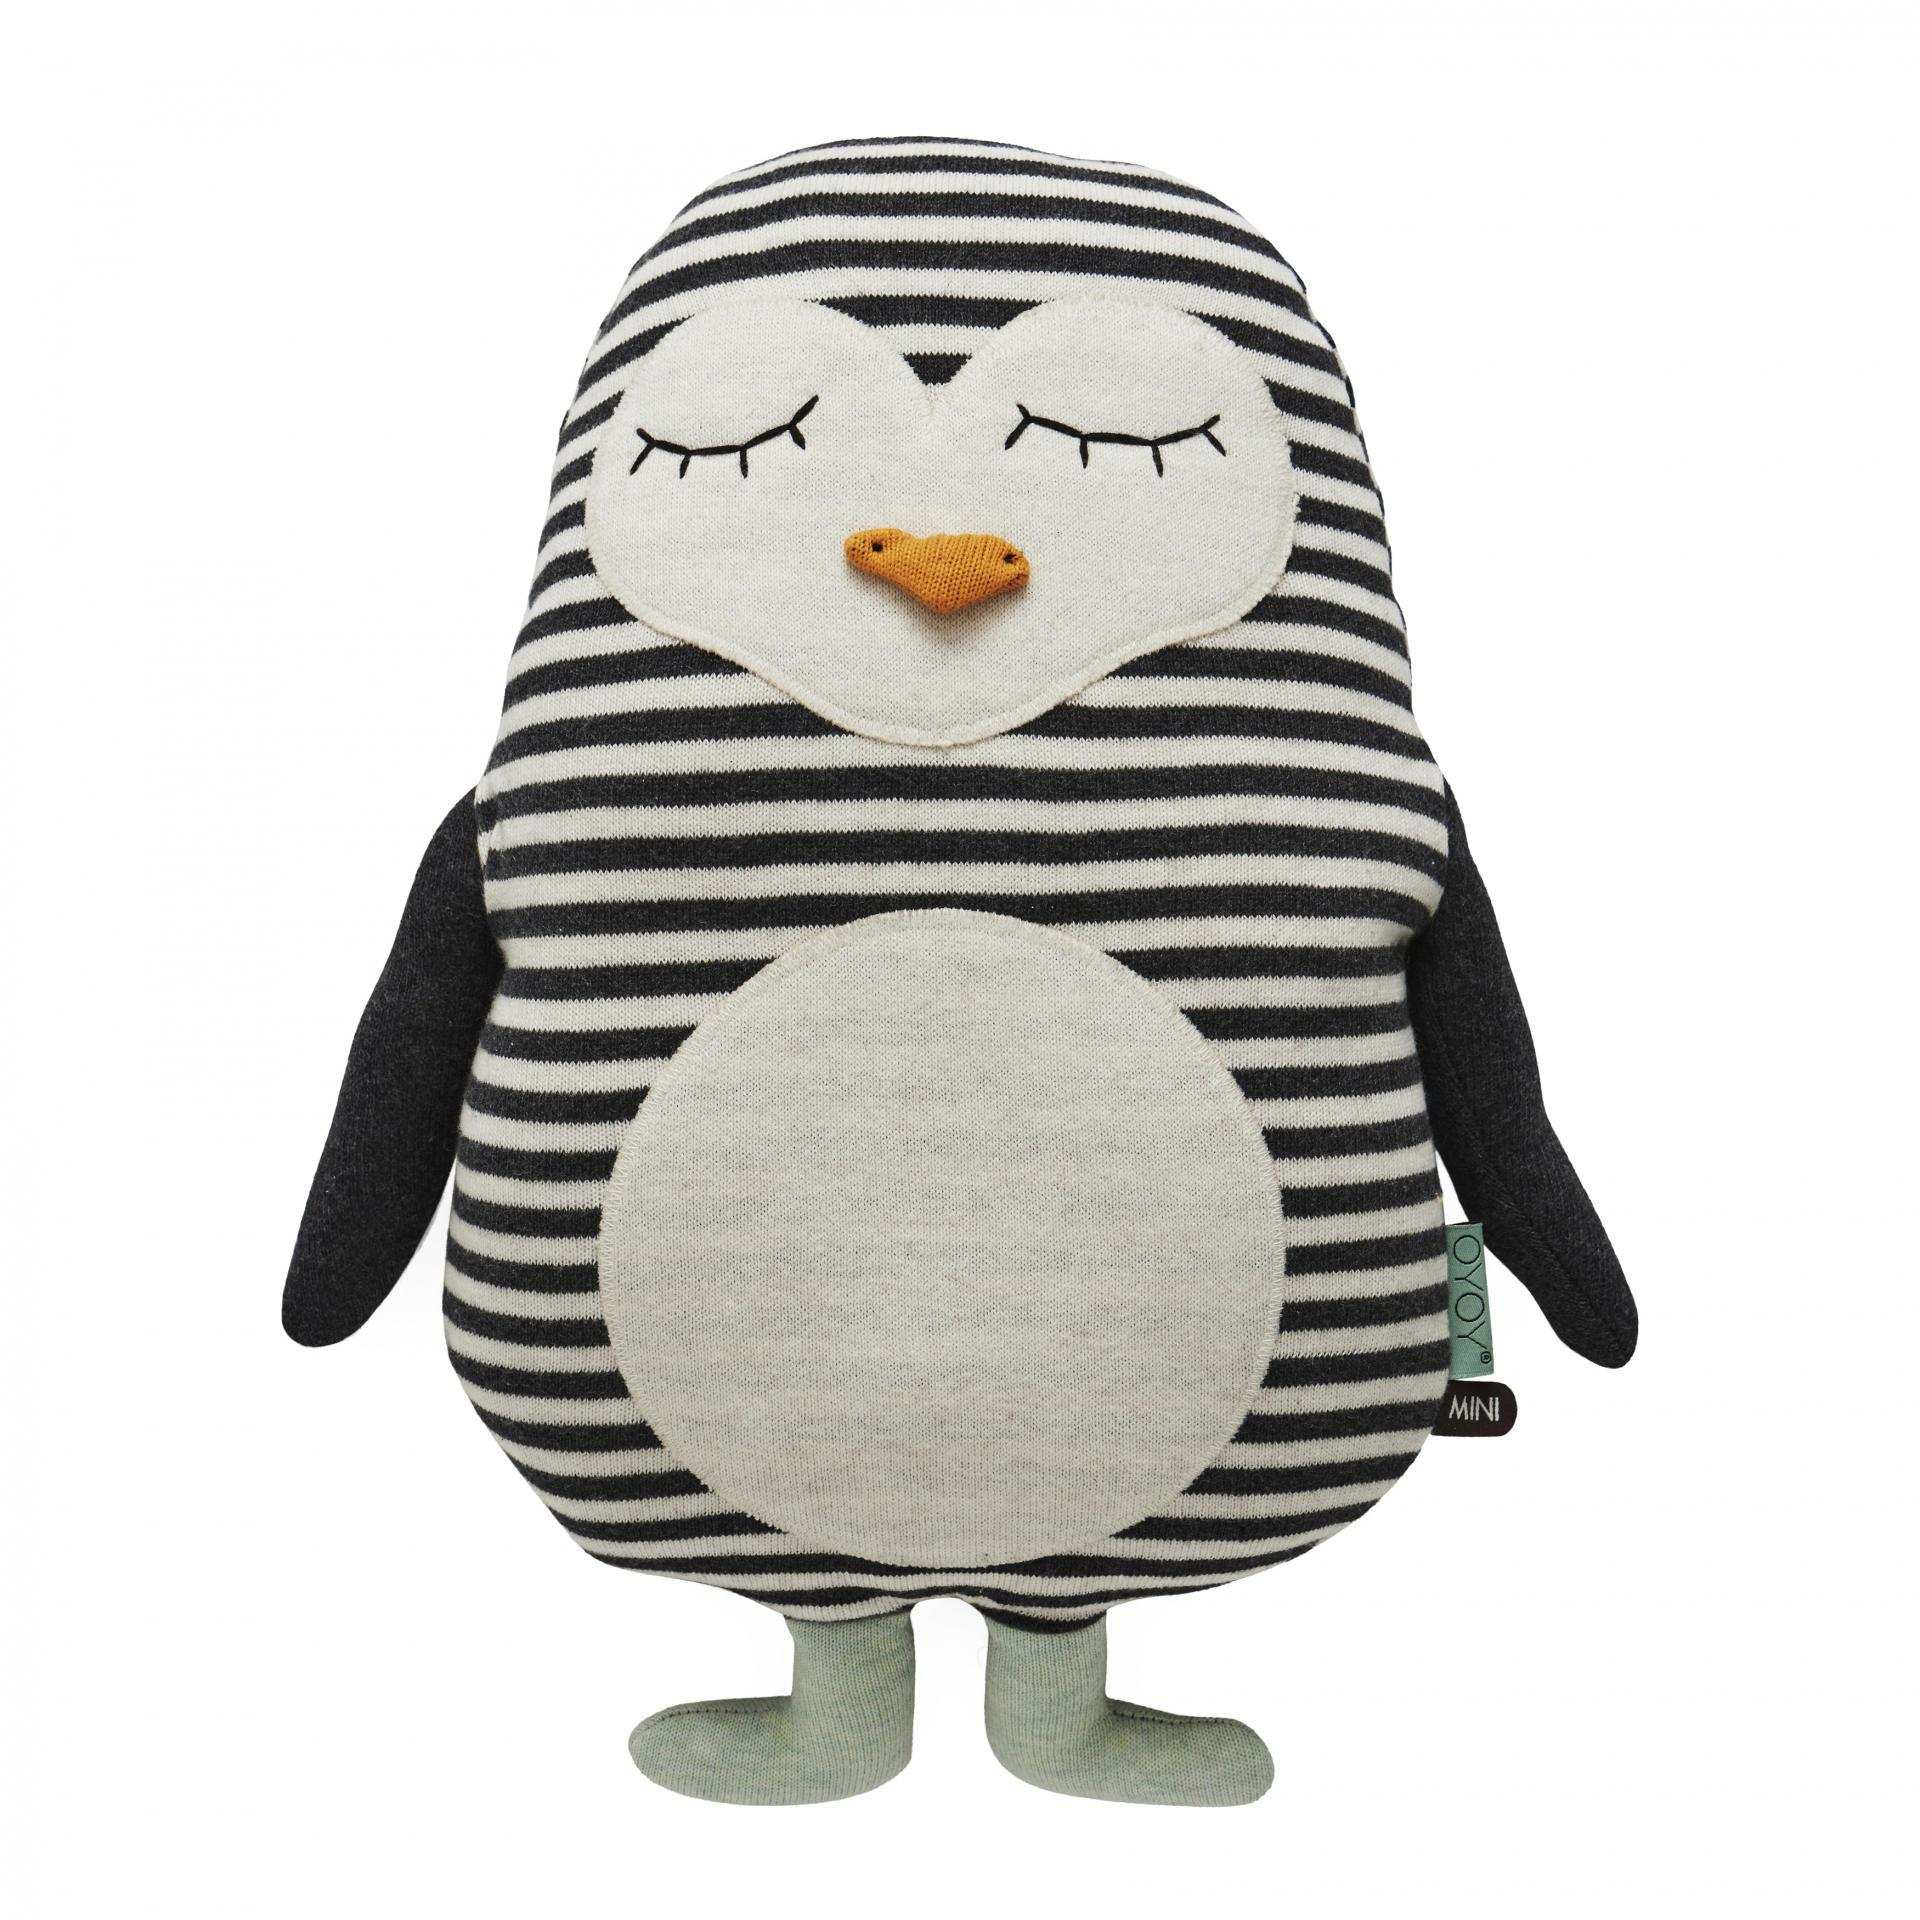 OYOY Dětský polštářek/plyšák tučňák Pingo, multi barva, textil